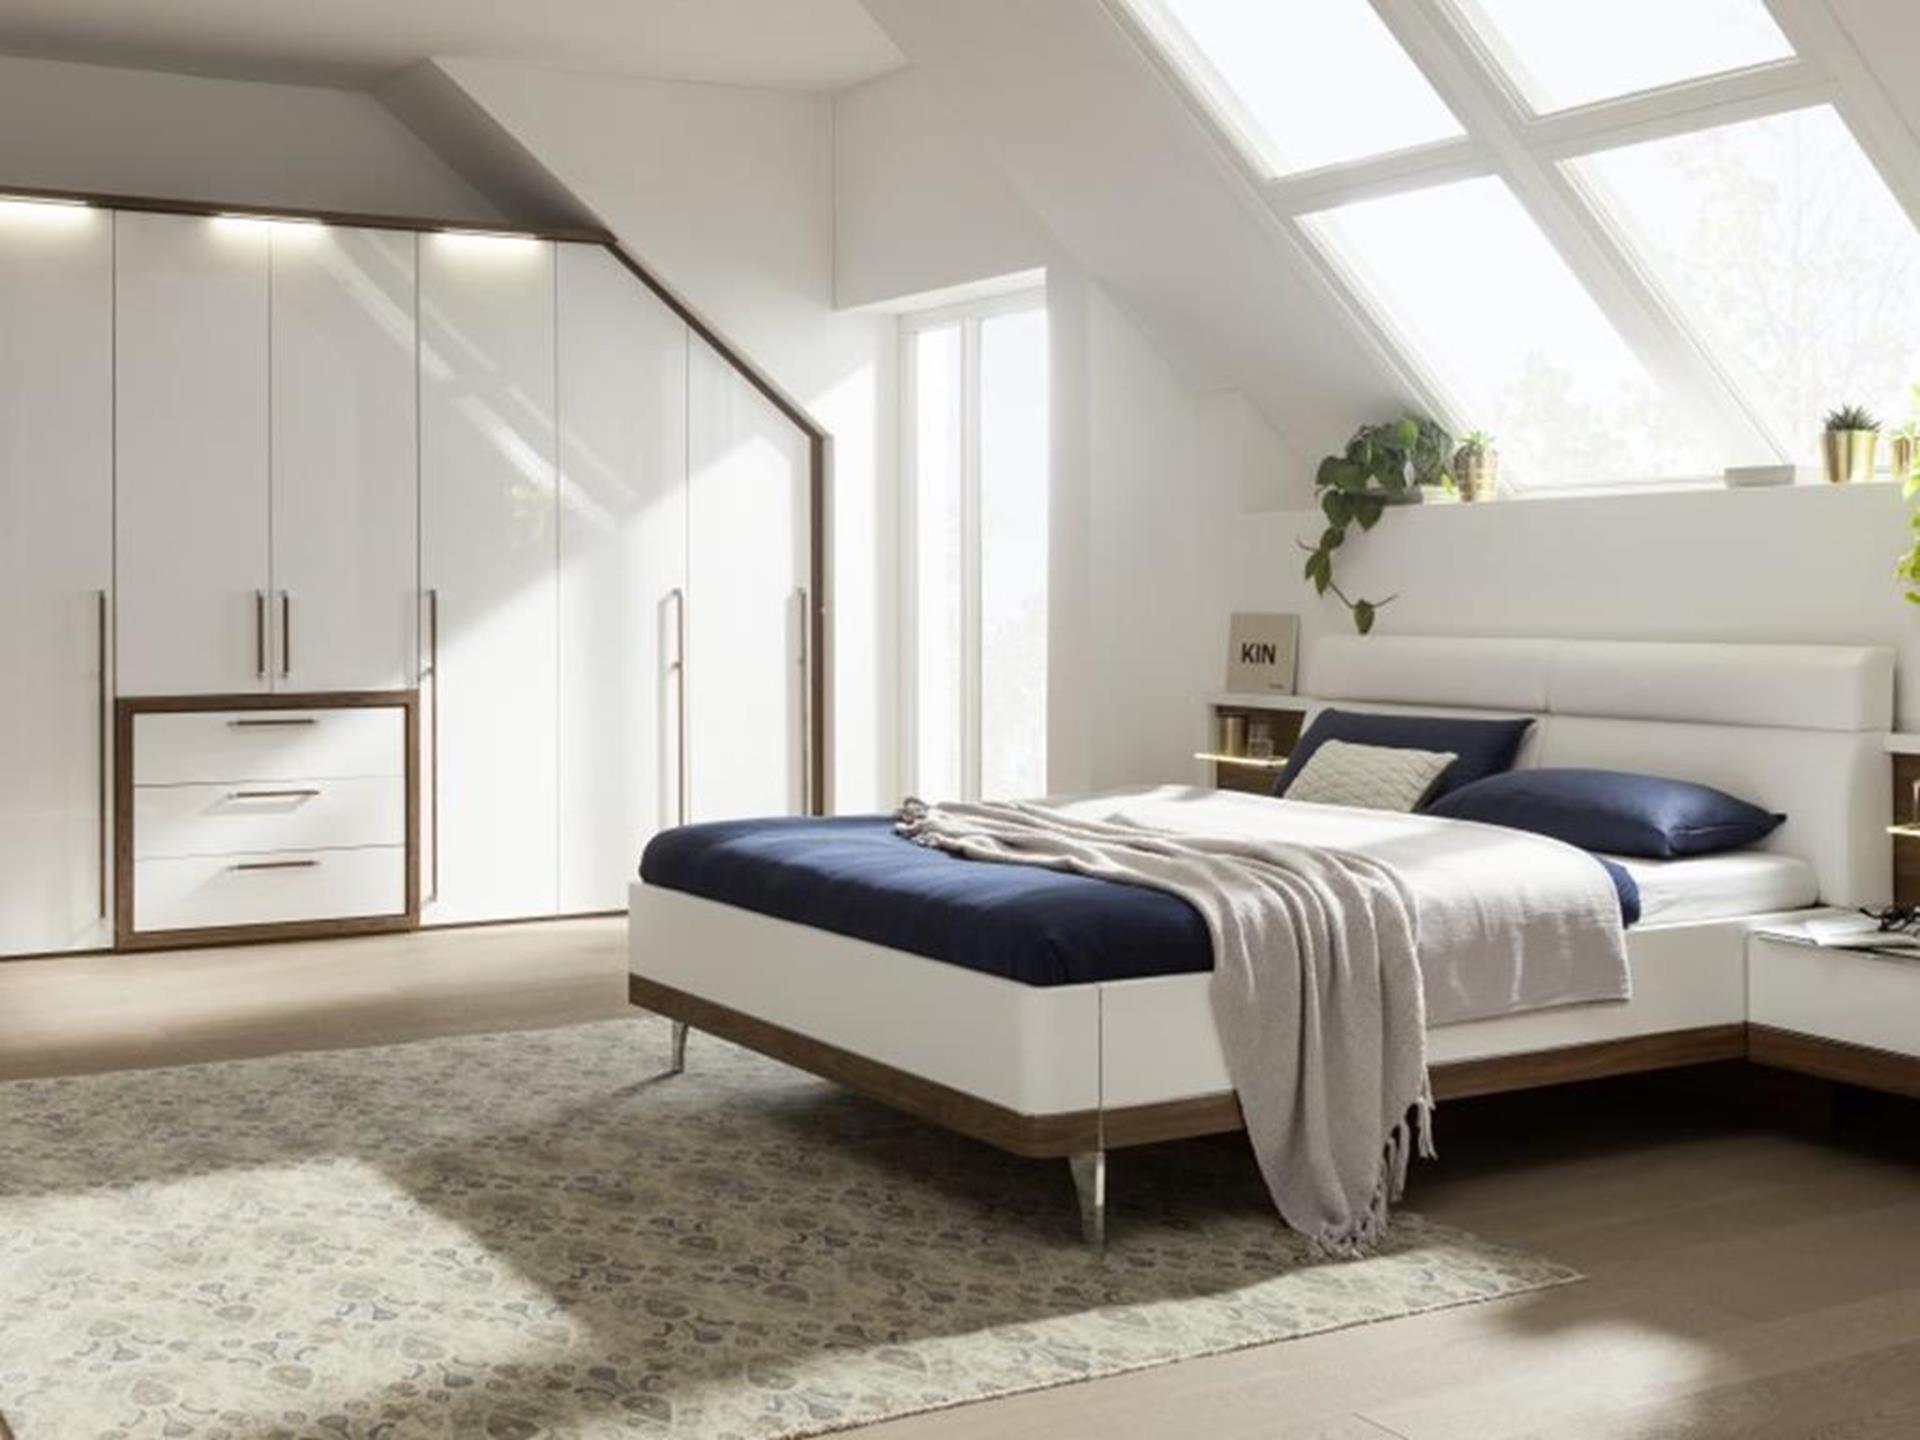 elegancka sypialnia z łóżkiem i szafą niemieckiego producenta